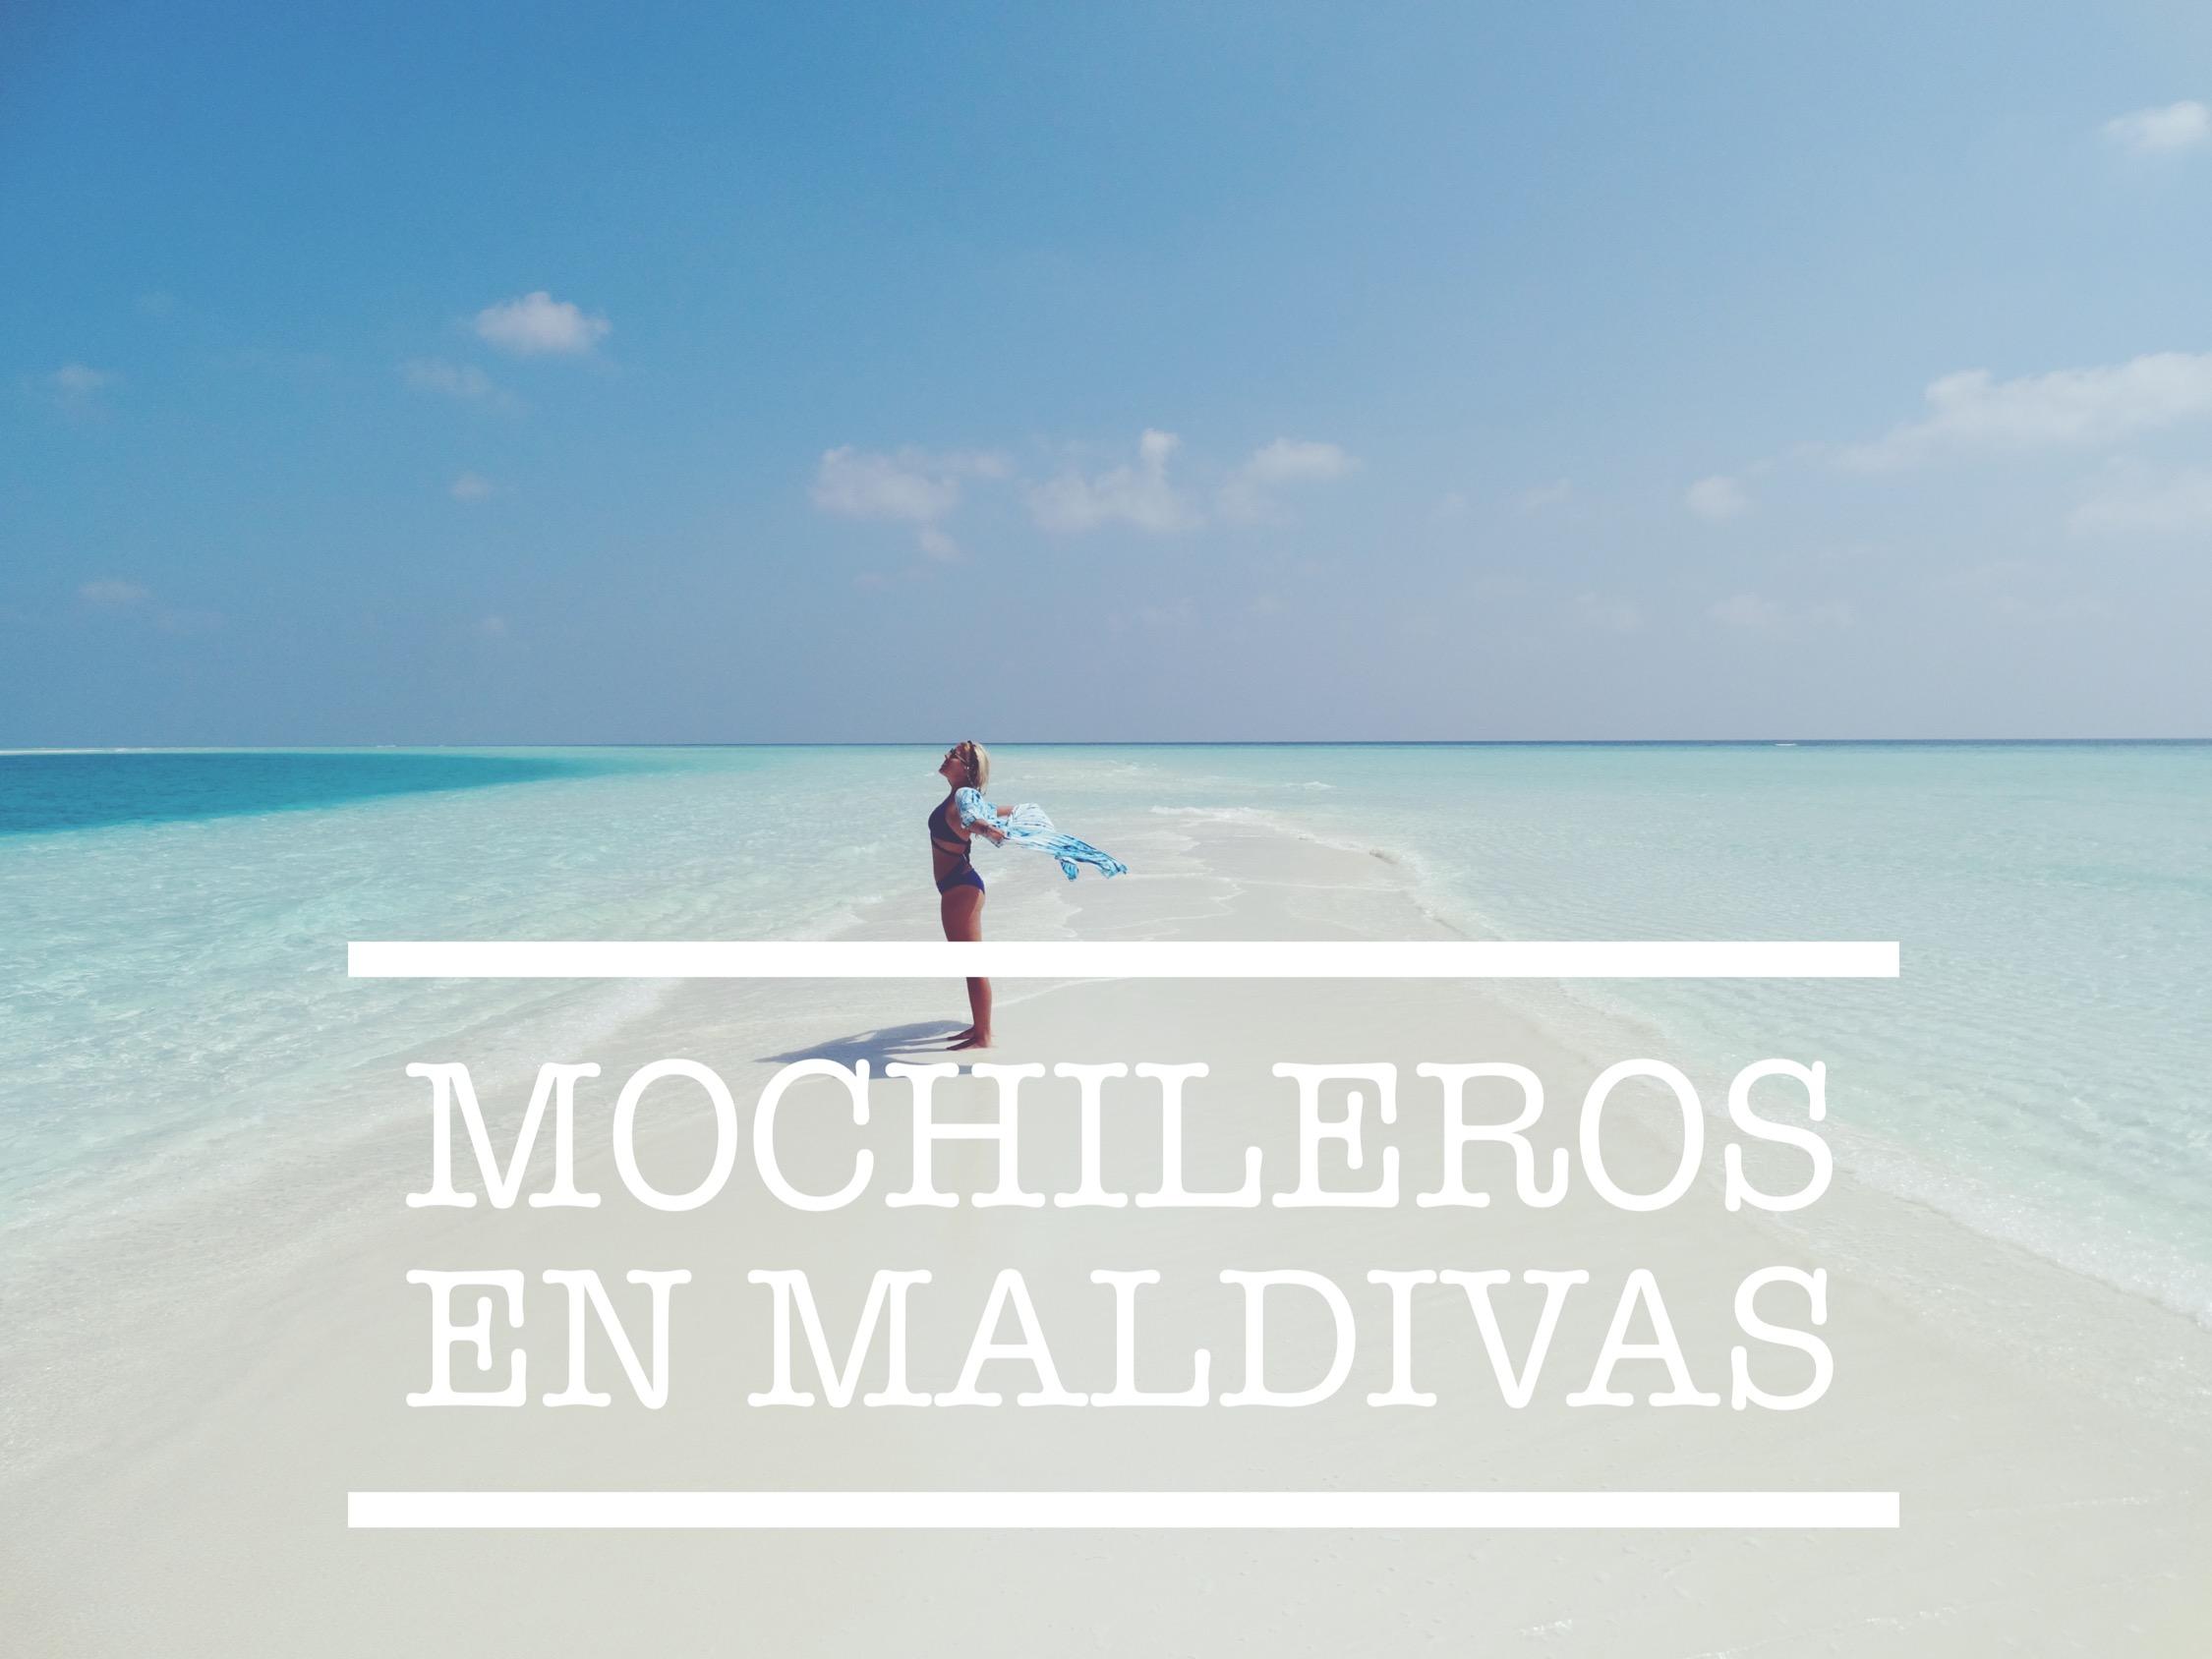 GUÍA PARA MOCHILEROS EN MALDIVAS